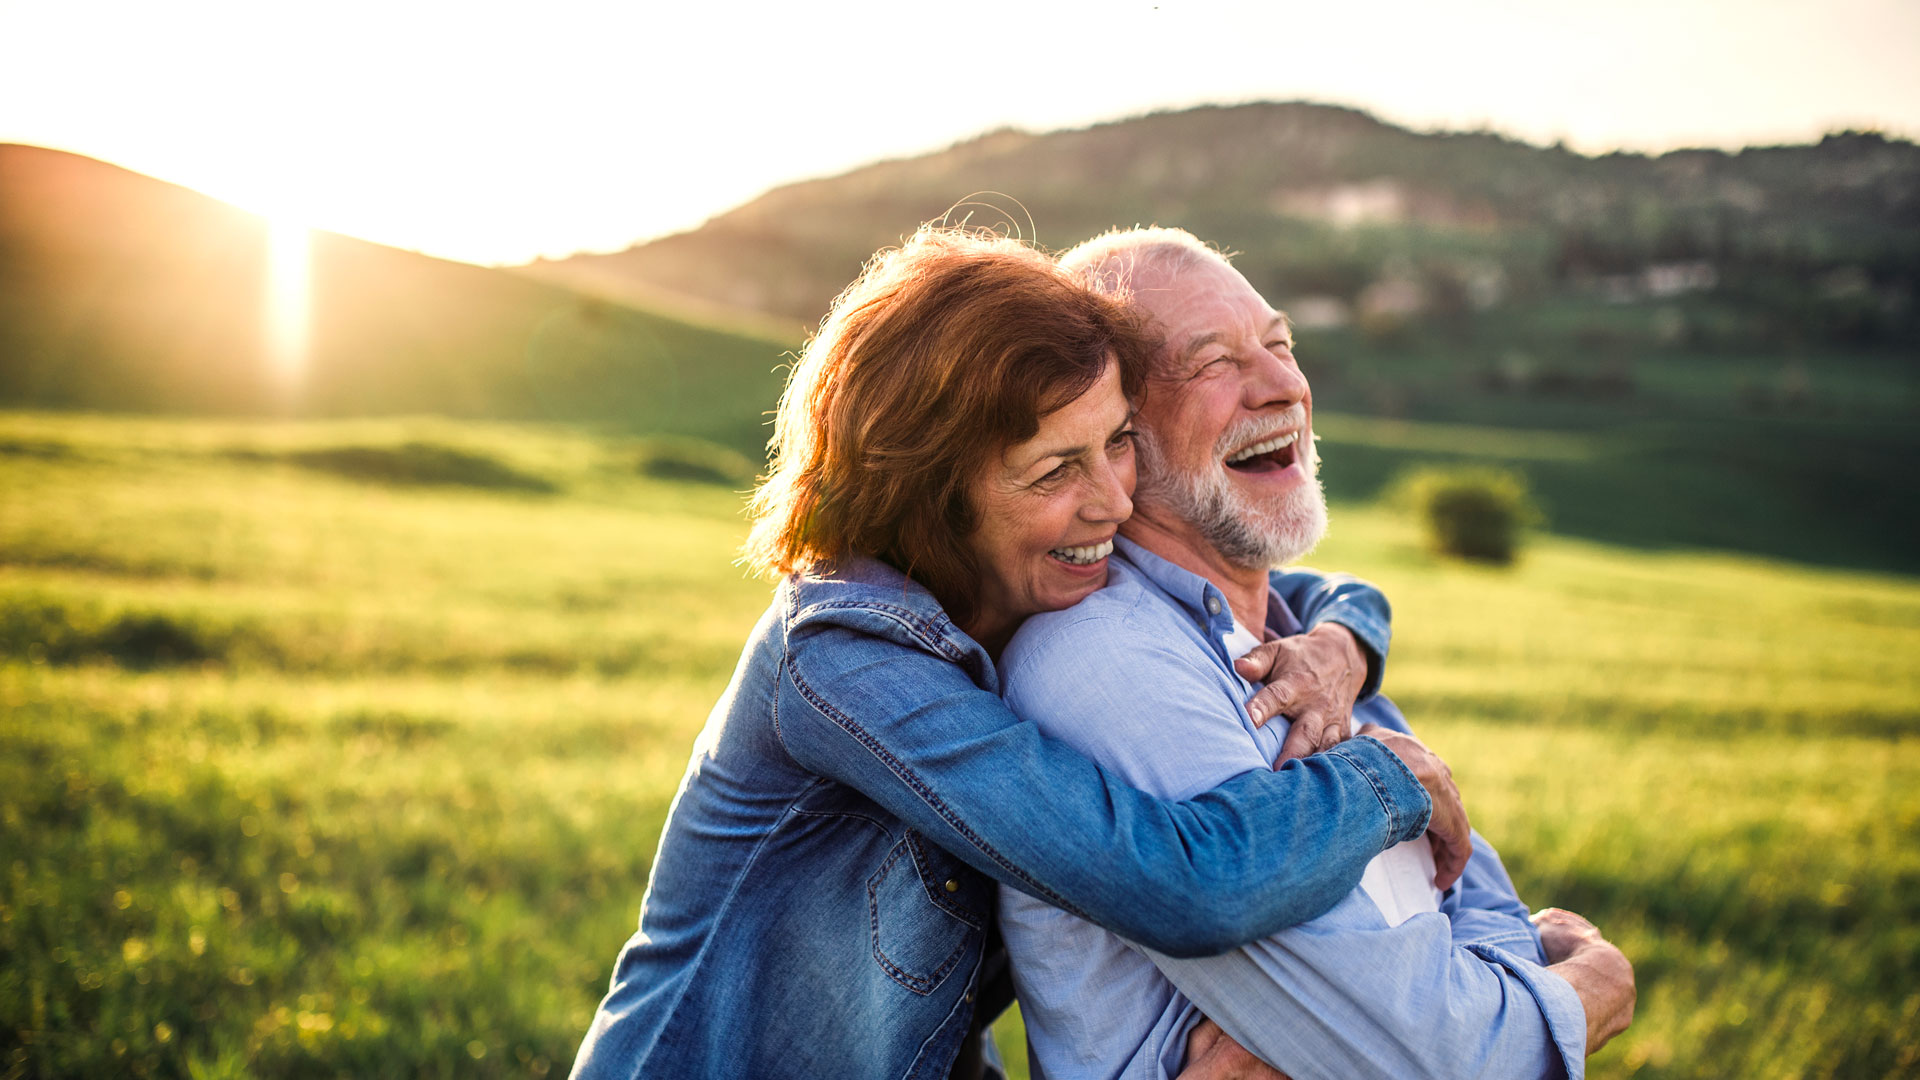 La garantie viagère d'une mutuelle senior permet de souscrire une mutuelle sereinement